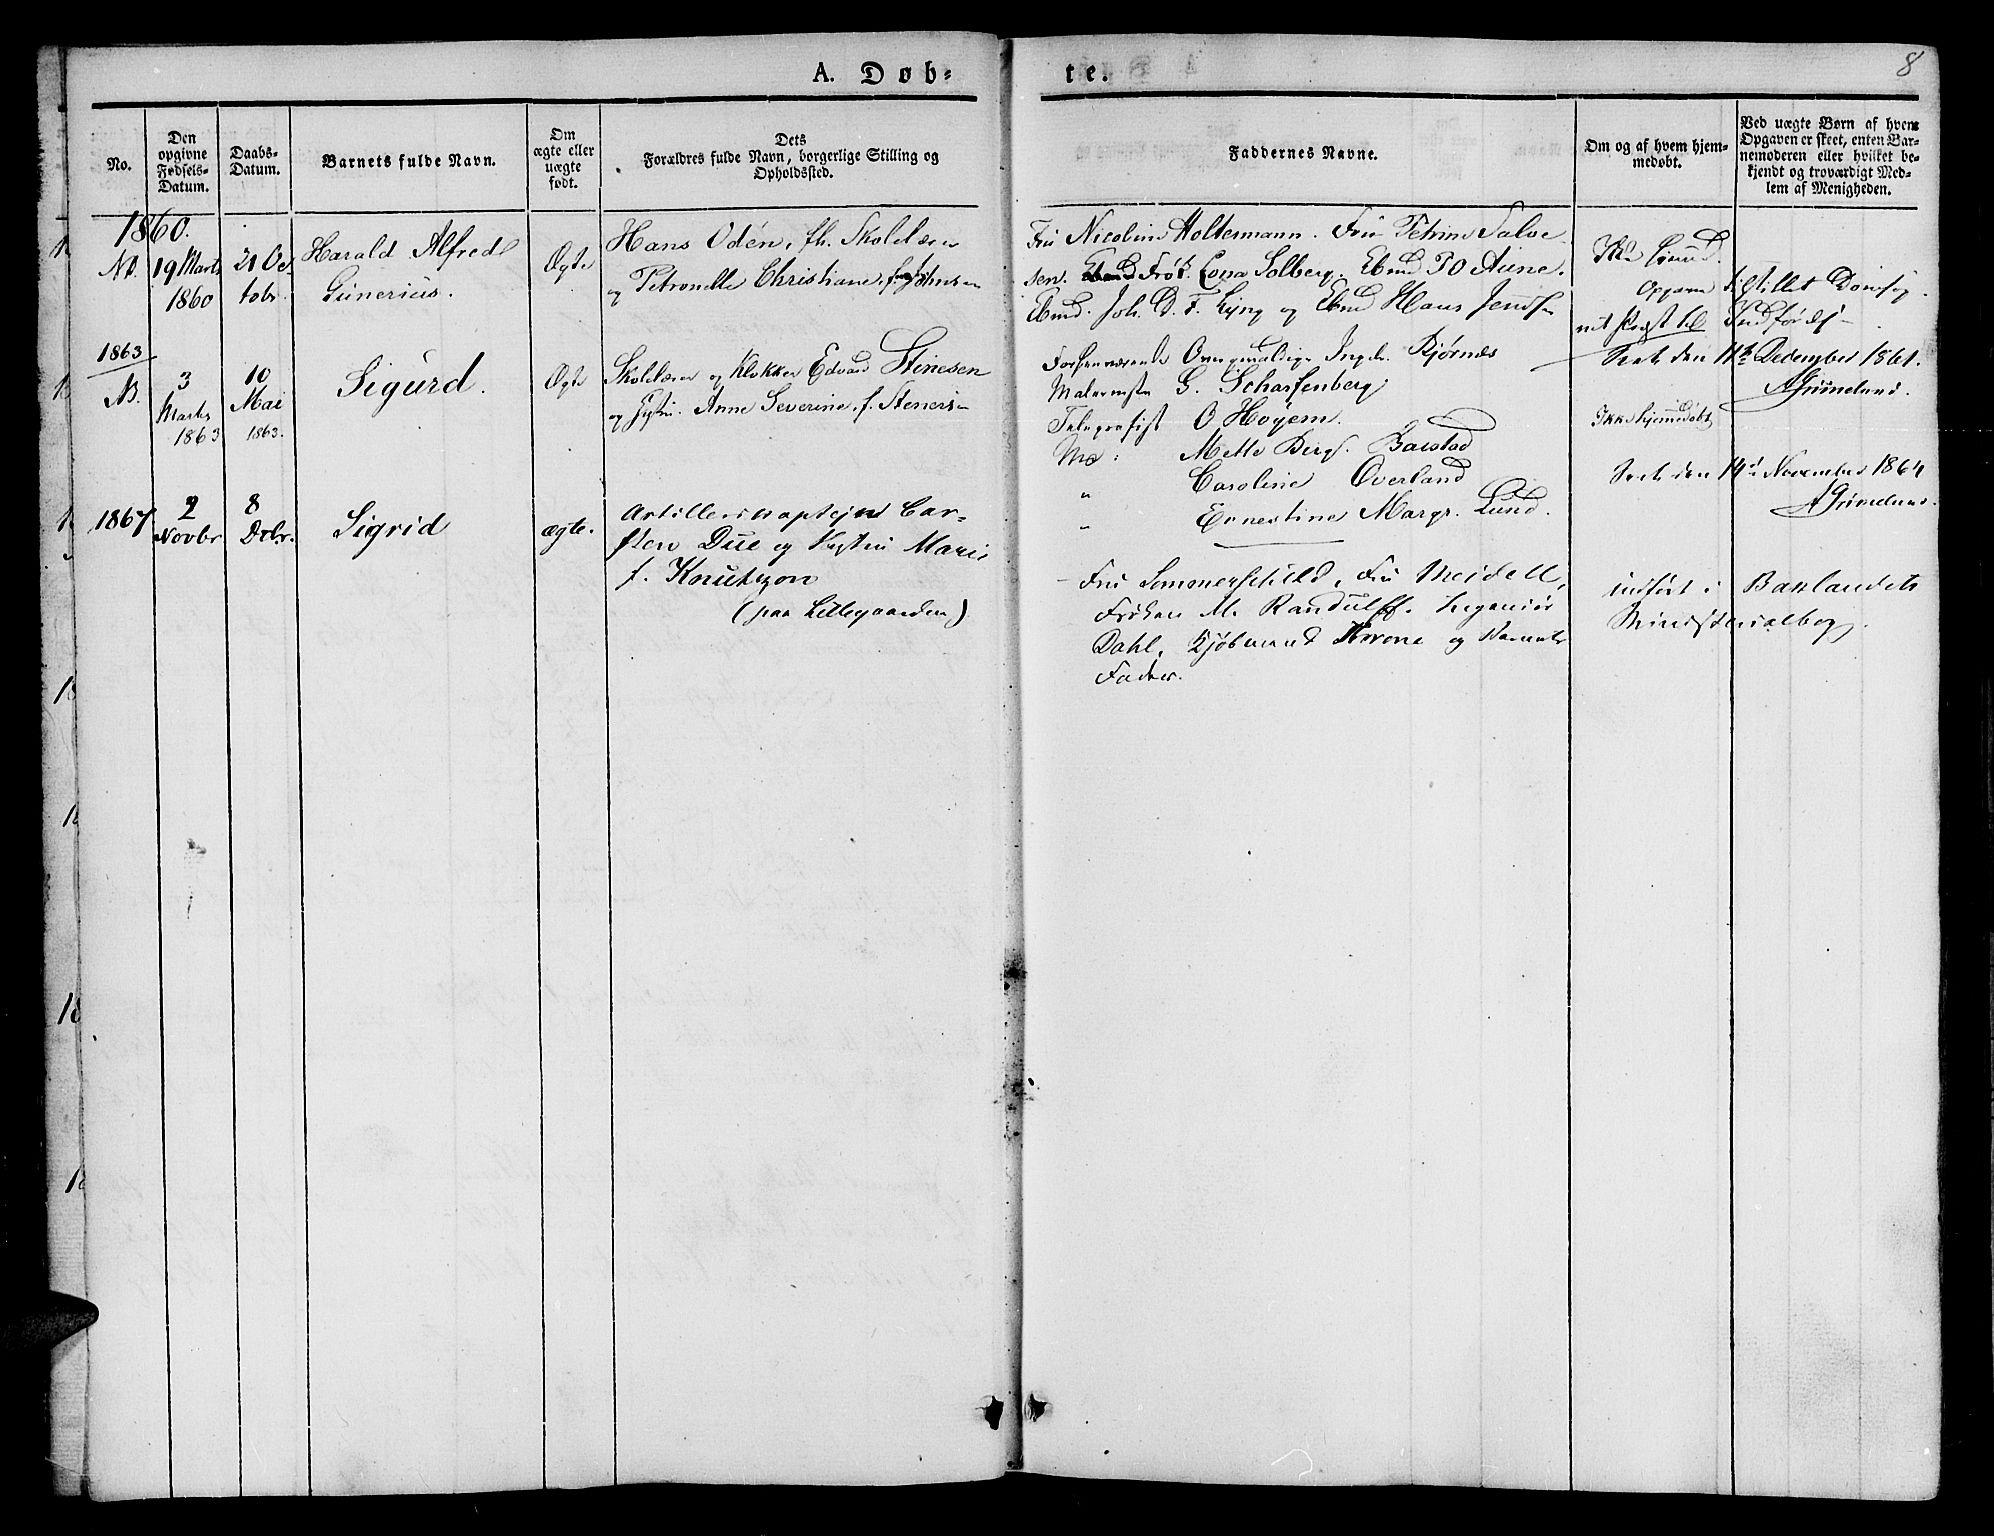 SAT, Ministerialprotokoller, klokkerbøker og fødselsregistre - Sør-Trøndelag, 623/L0468: Ministerialbok nr. 623A02, 1826-1867, s. 8